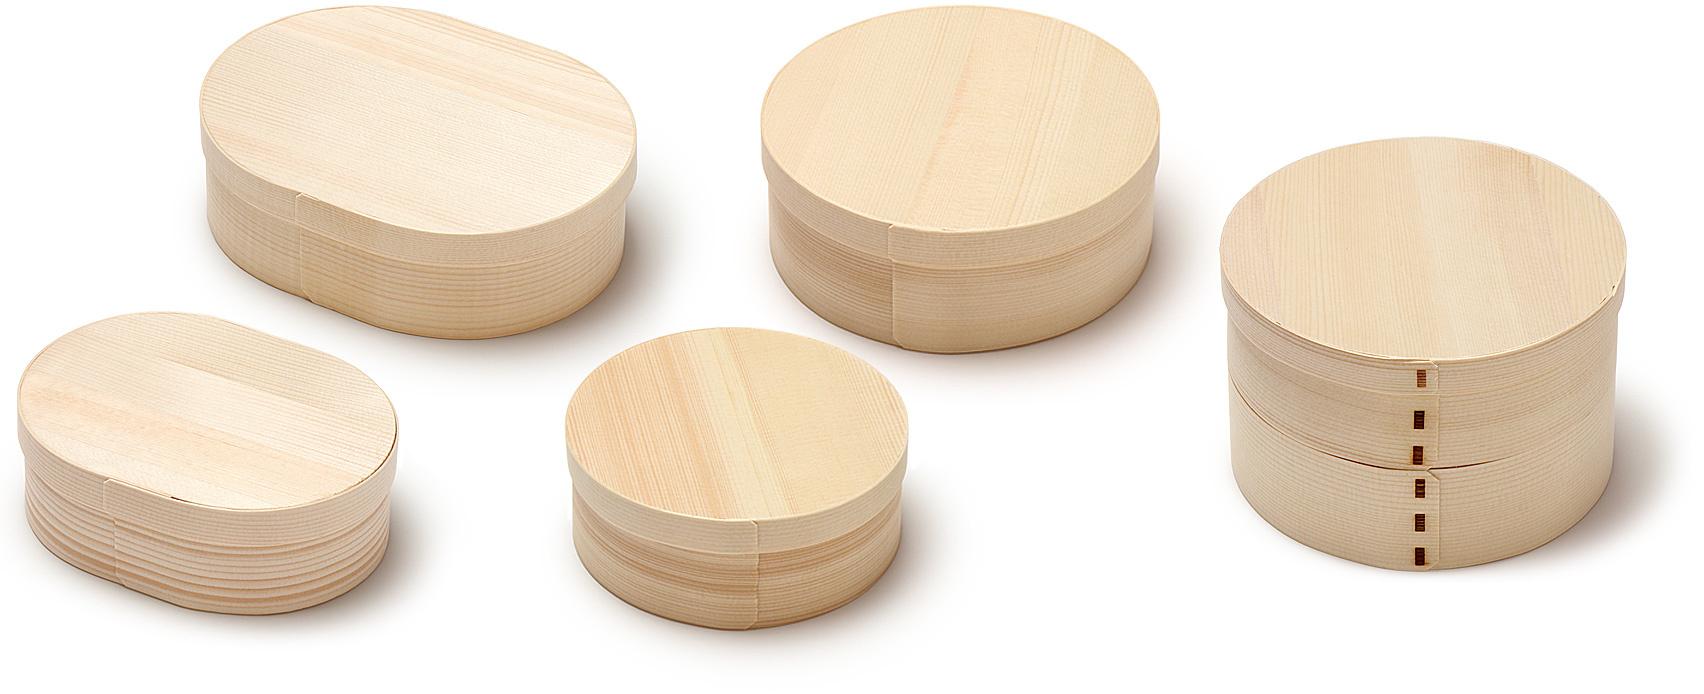 経木曲物の全サイズ商品一覧画像